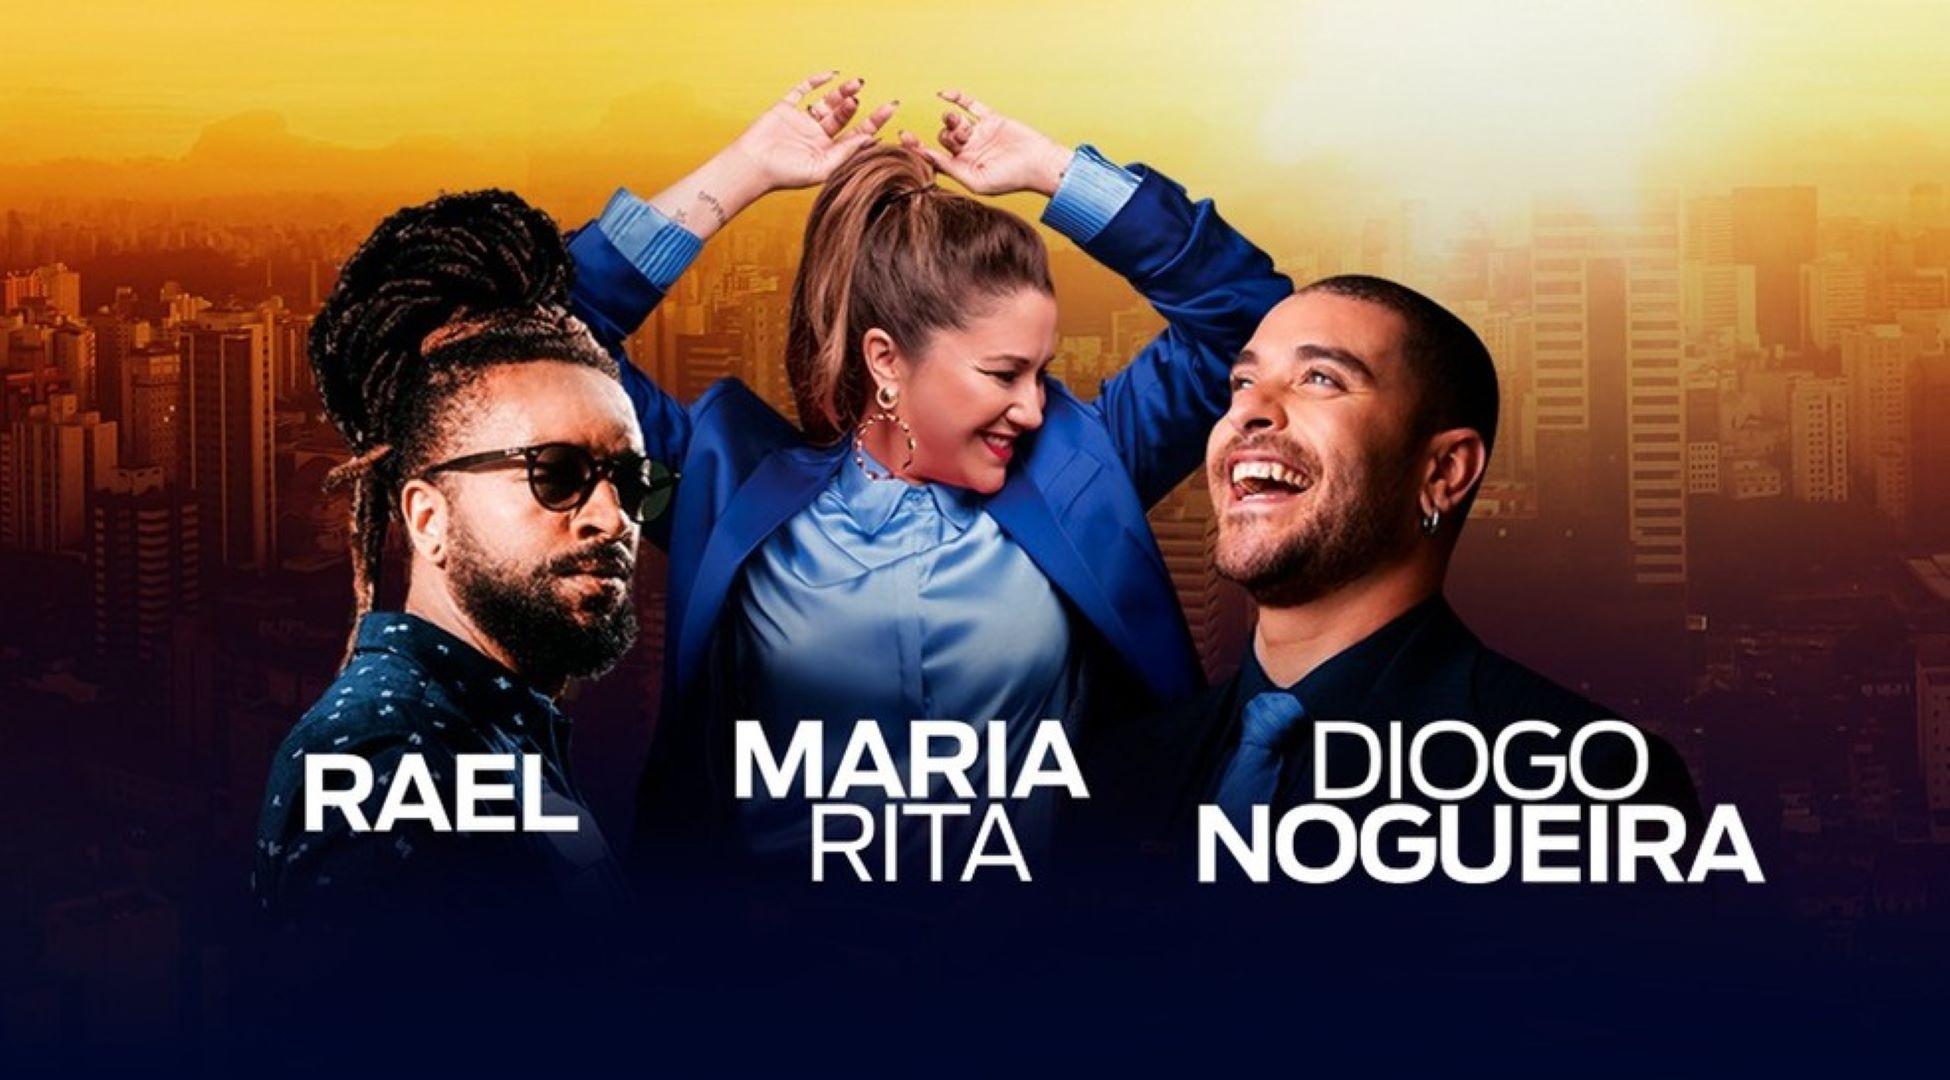 Maria Rita, Rael e Diogo Nogueira